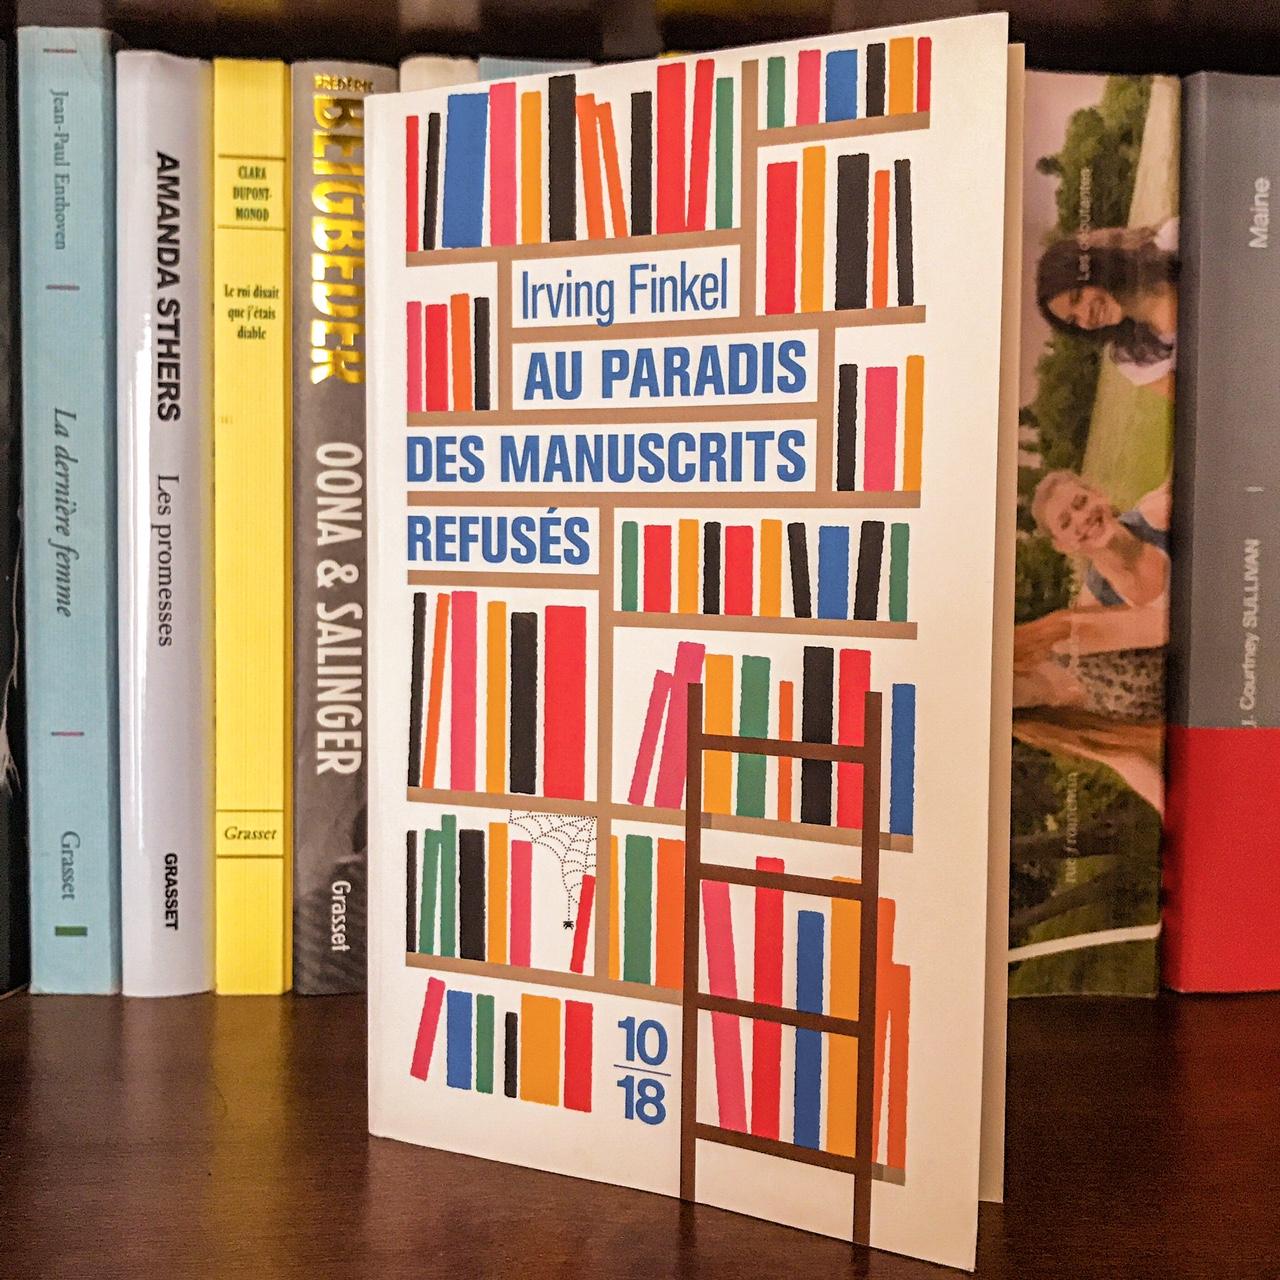 Au paradis des manuscrits refusés, d'Irving Finkel : drôle de bibliothèque